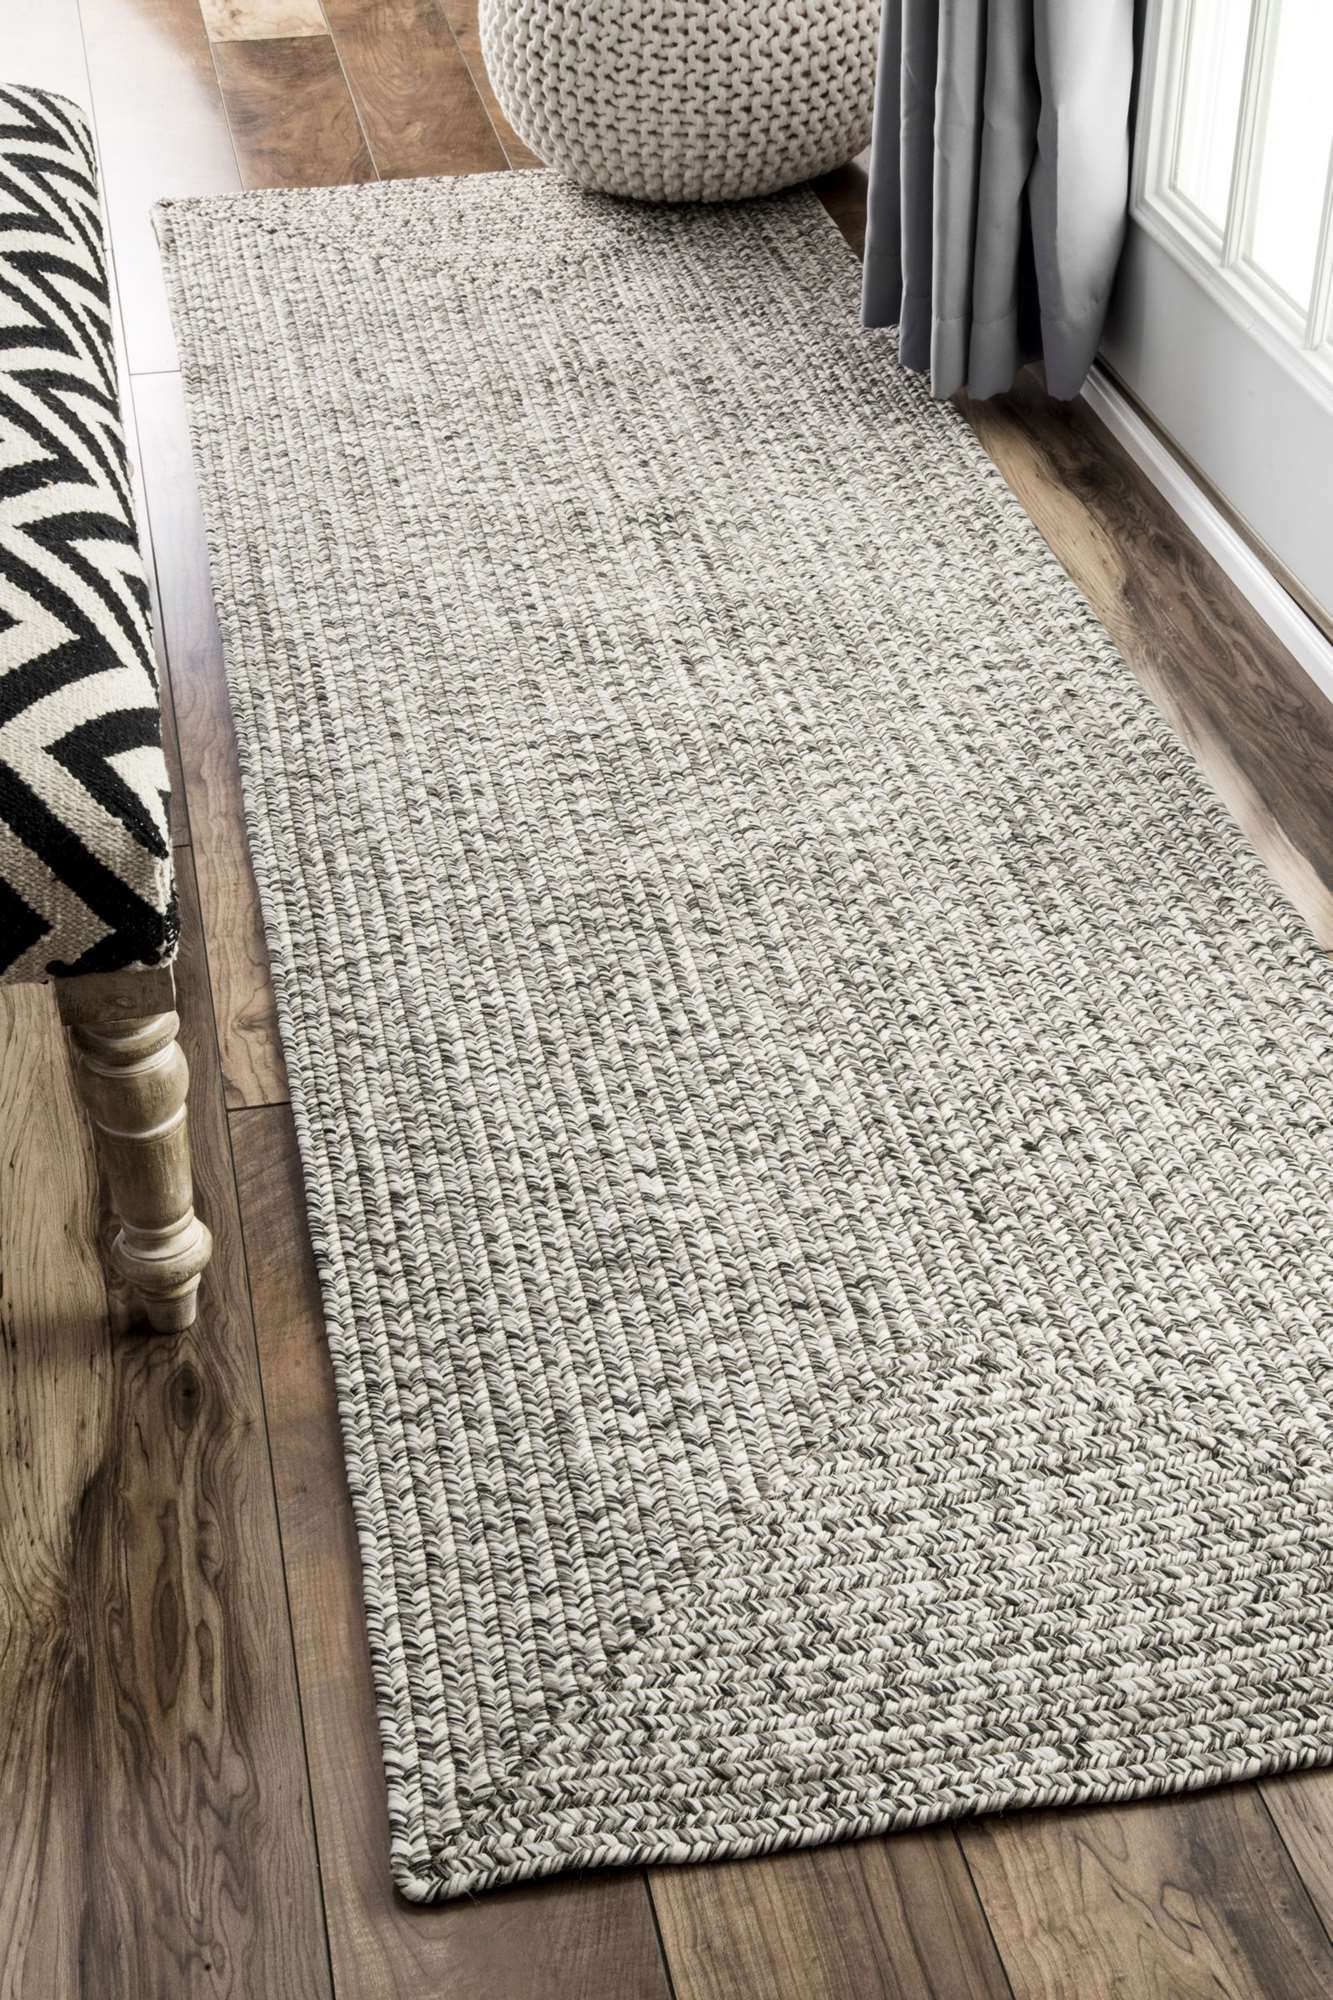 Full Size of Teppich Küche Sinnvoll Teppich Küche Günstig Teppich Küche Waschbar Outdoor Teppich Küche Küche Teppich Küche